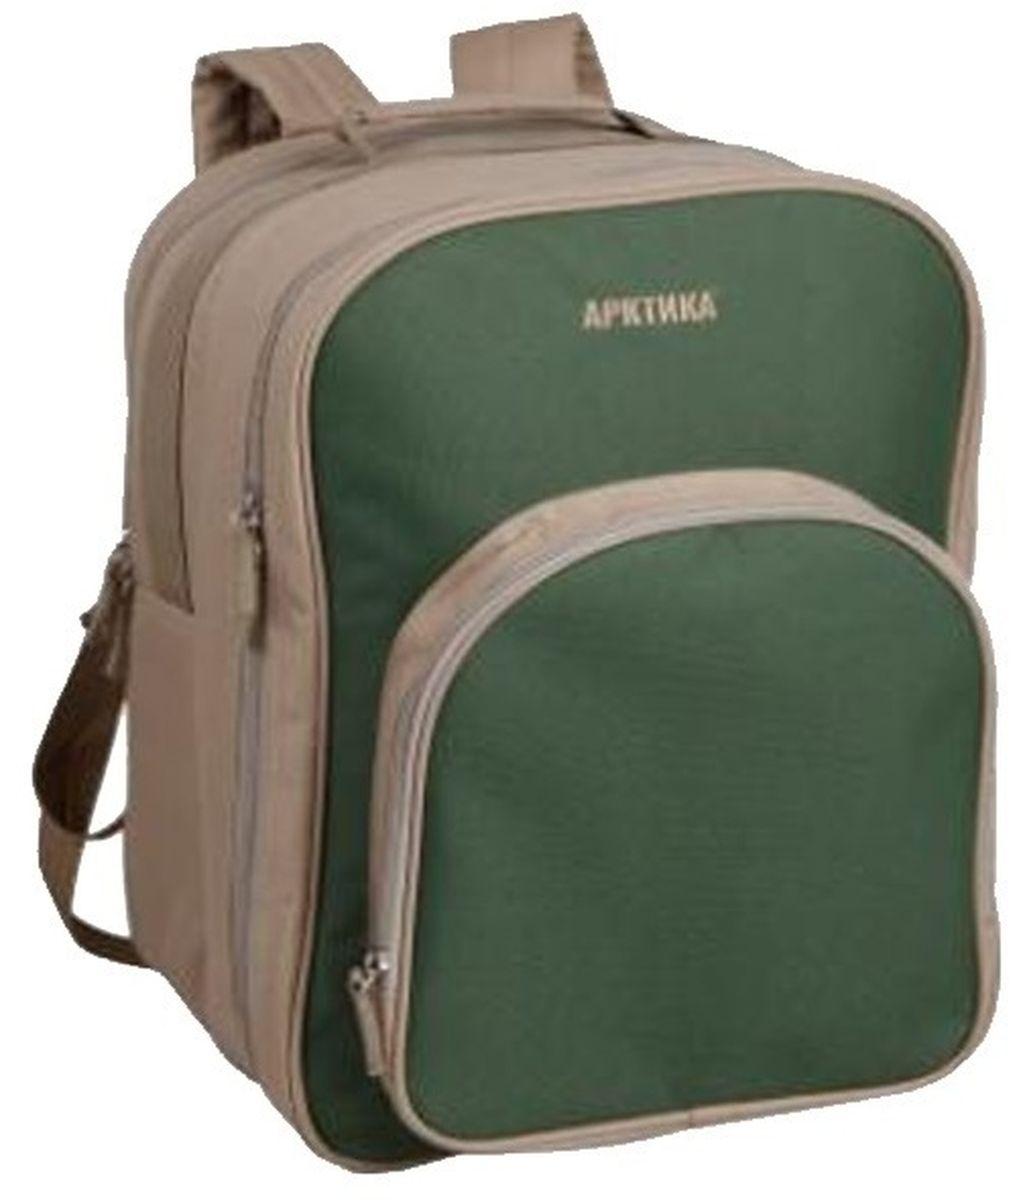 Рюкзак-холодильник Арктика, цвет: зеленый4300-4 рюкзак зелёныйДля любителей пеших горных прогулок на длительные расстояния, рюкзак-холодильник Арктика 4300-4 будет настоящей находкой. Удобные ручки с мягкими подушечками не доставят дискомфорта во время пути. Наружный слой изготовлен из прочного полиэстера, которой предотвратит попадание влаги и нагревание от солнечных лучей. Внутренний слой из экологичного водонепроницаемого материала. Все материалы легко поддаются очищению от загрязнений сухим или влажным способом. Продолжительность сохранения теплой или холодной температуры составляет до 10 часов. Вместимость рюкзака 11 литров позволяет взять необходимый запас продуктов и воды. Входящий набор посуды будет приятным и нужным дополнением для вашего путешествия. В нем есть все необходимое для полноценного пикника. Посуда находиться в специальном отсеке и прикреплена ремешками. Арктика 4300-4 – это качество и гарантия изделия в доступной ценовой категории.